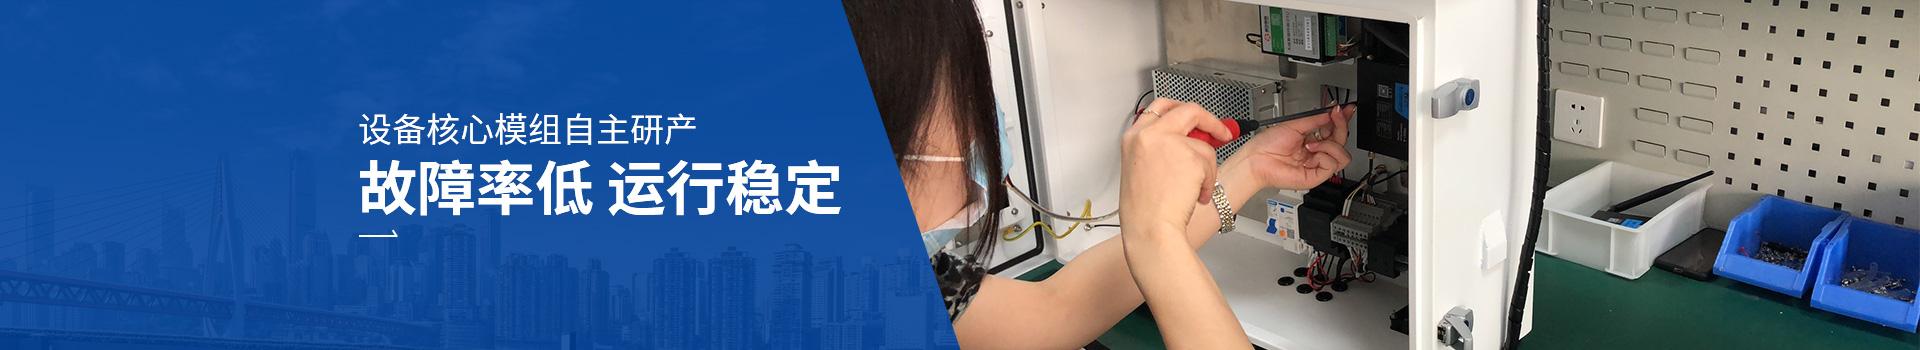 源慧达设备核心模组自主研产 故障率低 运行稳定